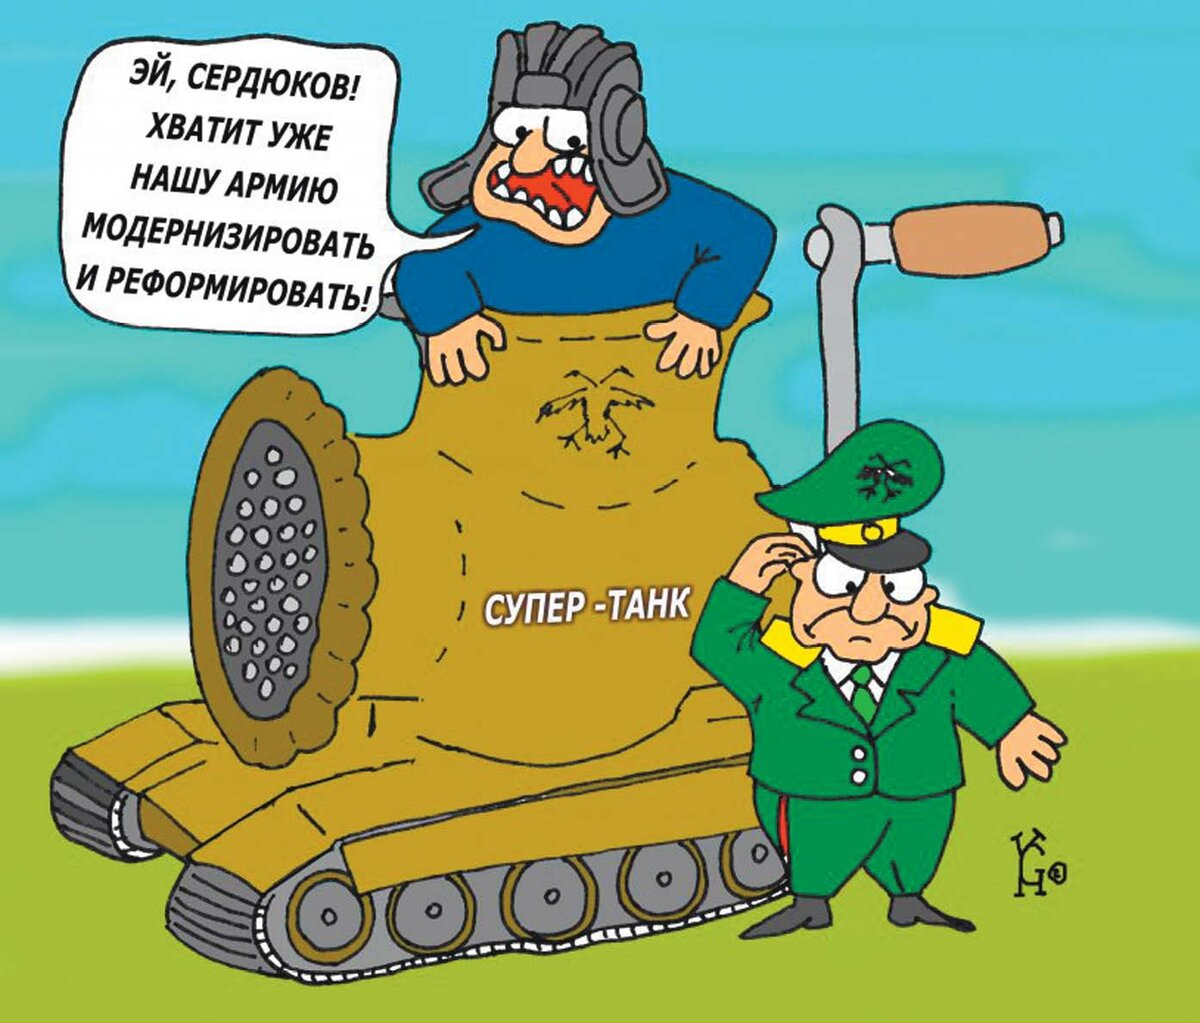 Смешные картинки про армия